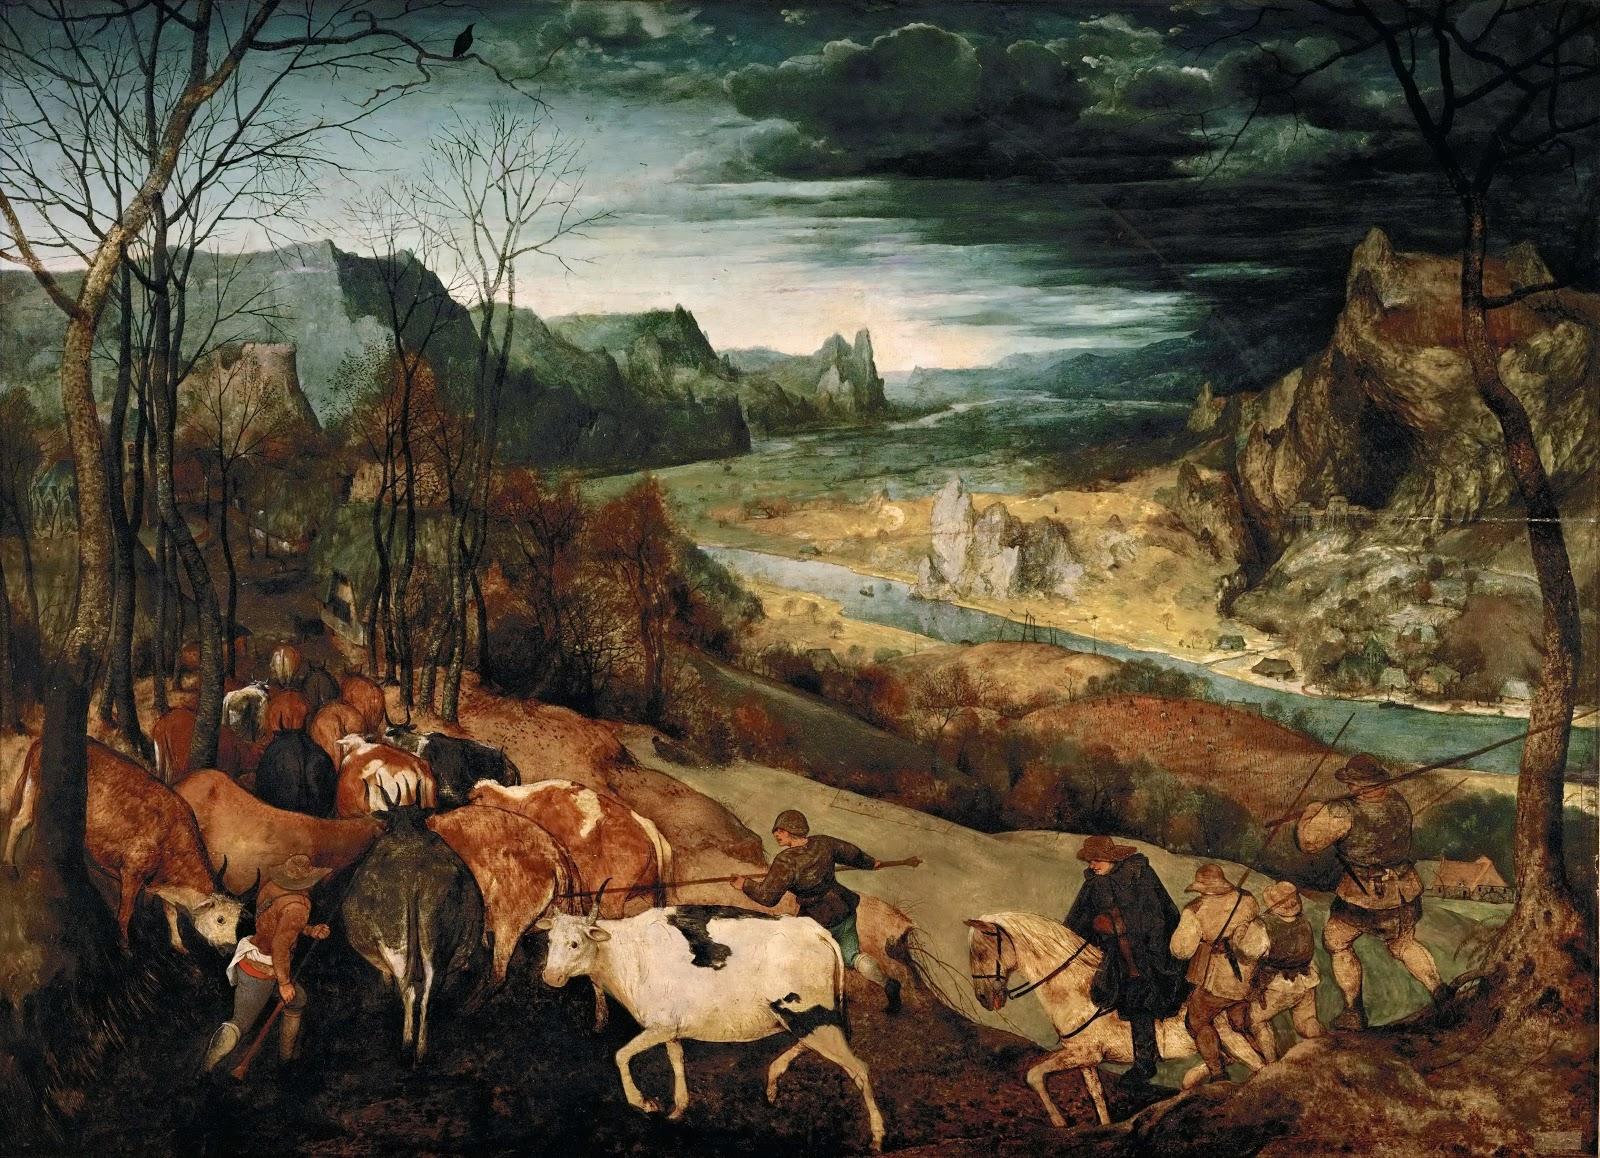 ピーテル・ブリューゲルの牛群の帰り/連作月暦画の十月と十一月